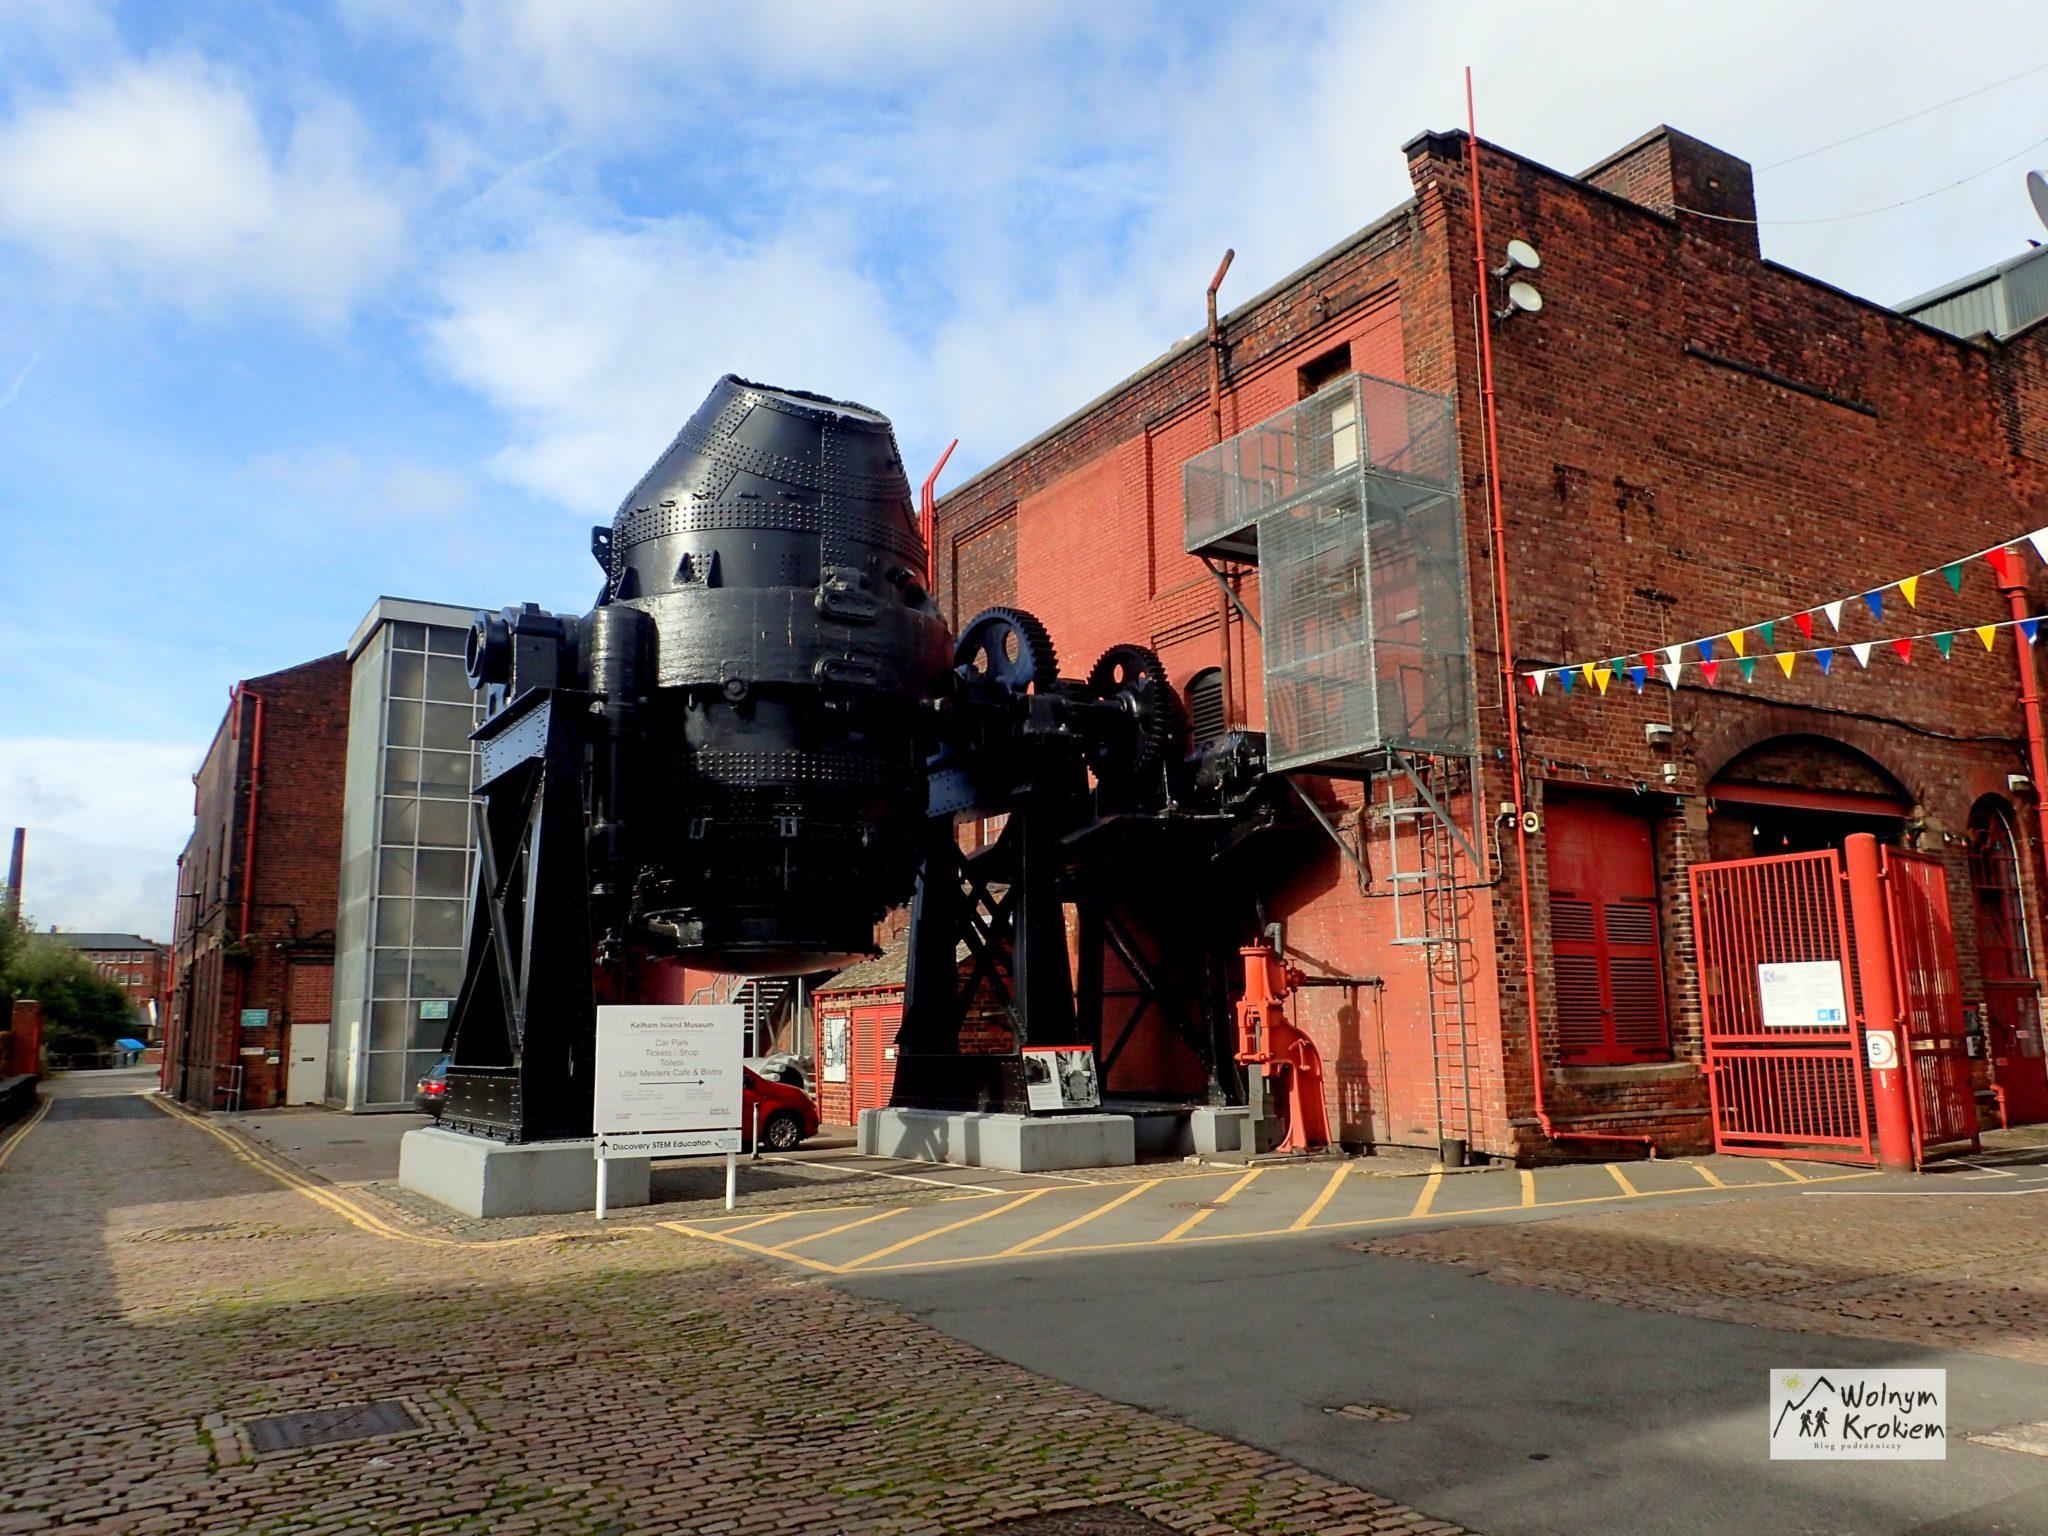 muzeum Stali i przemysłu Kelham Shffield